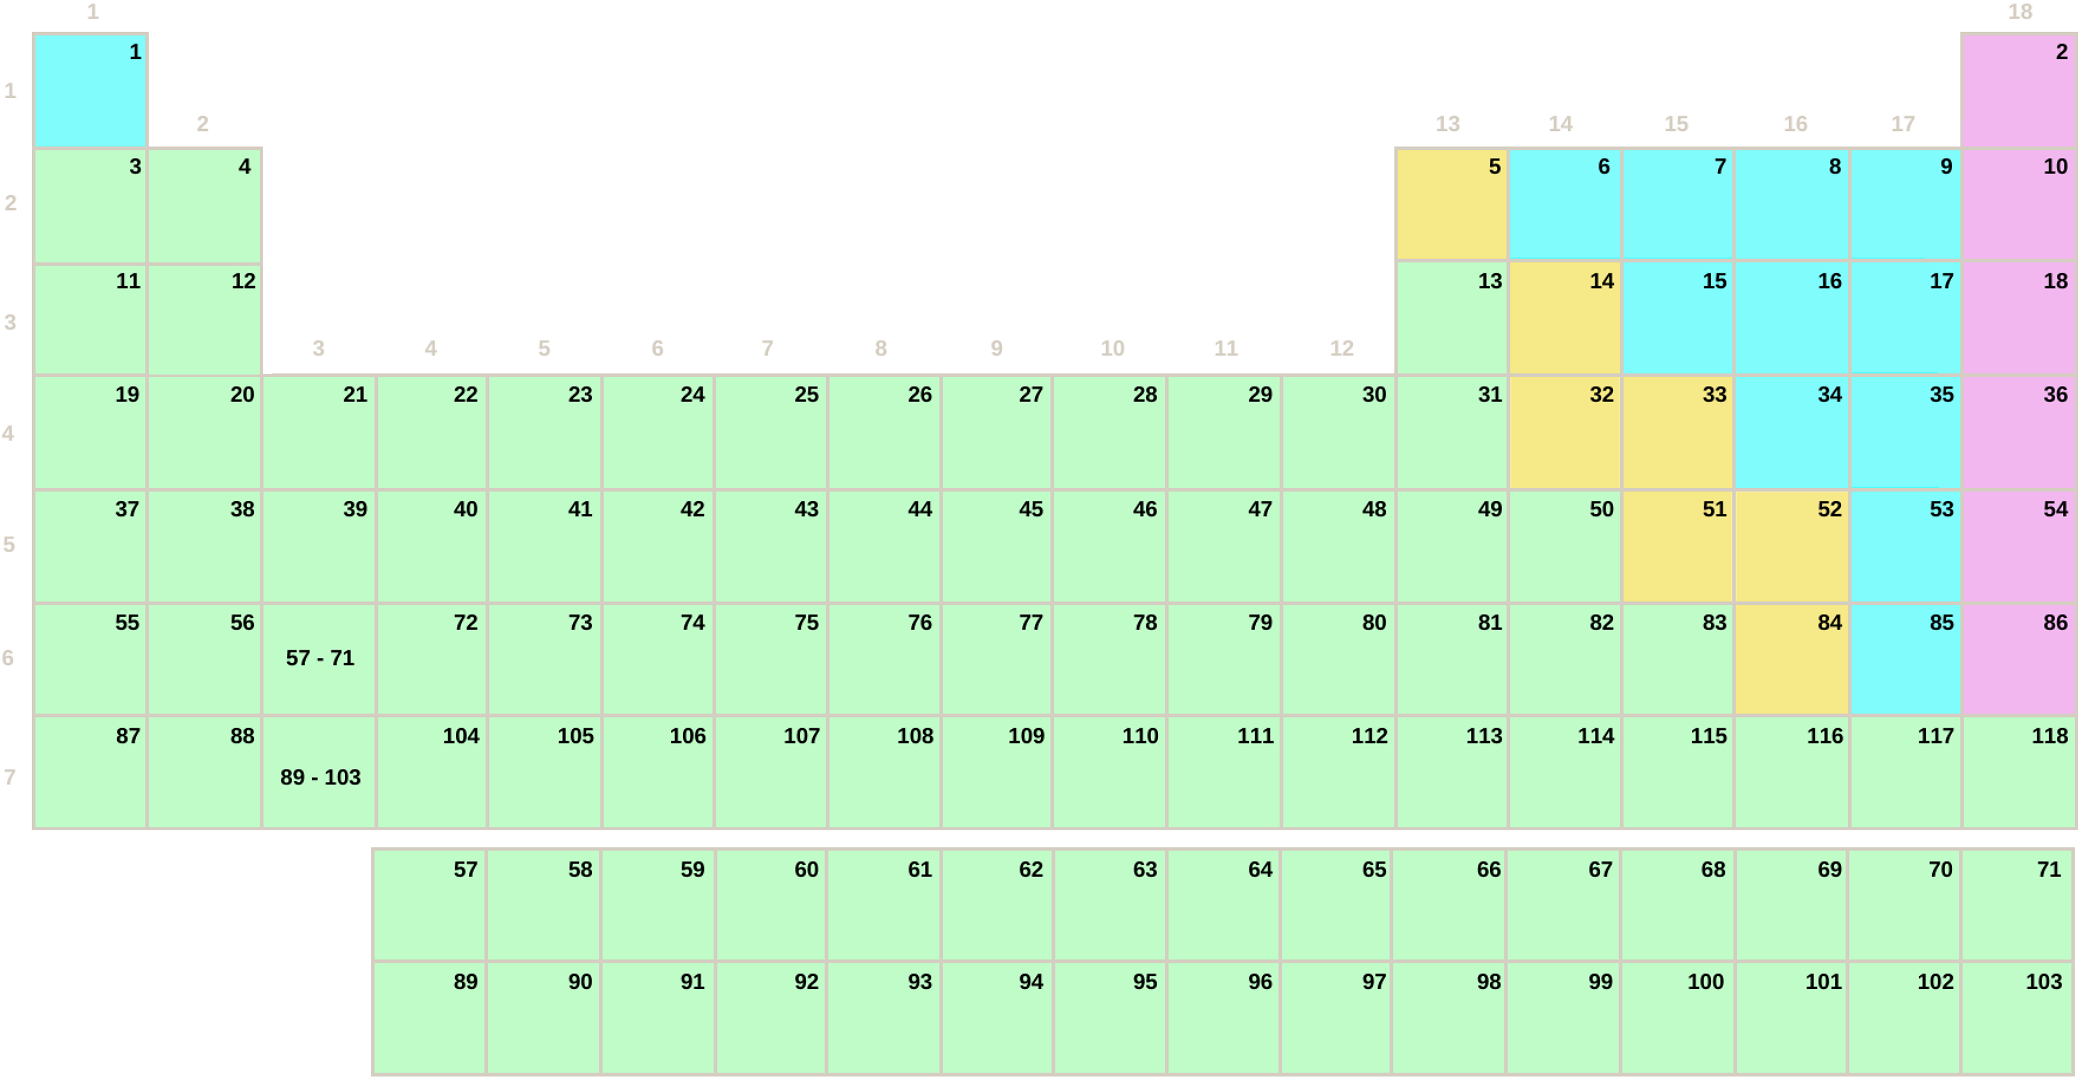 Tabela periódica por grupos sem símbolos (difícil)